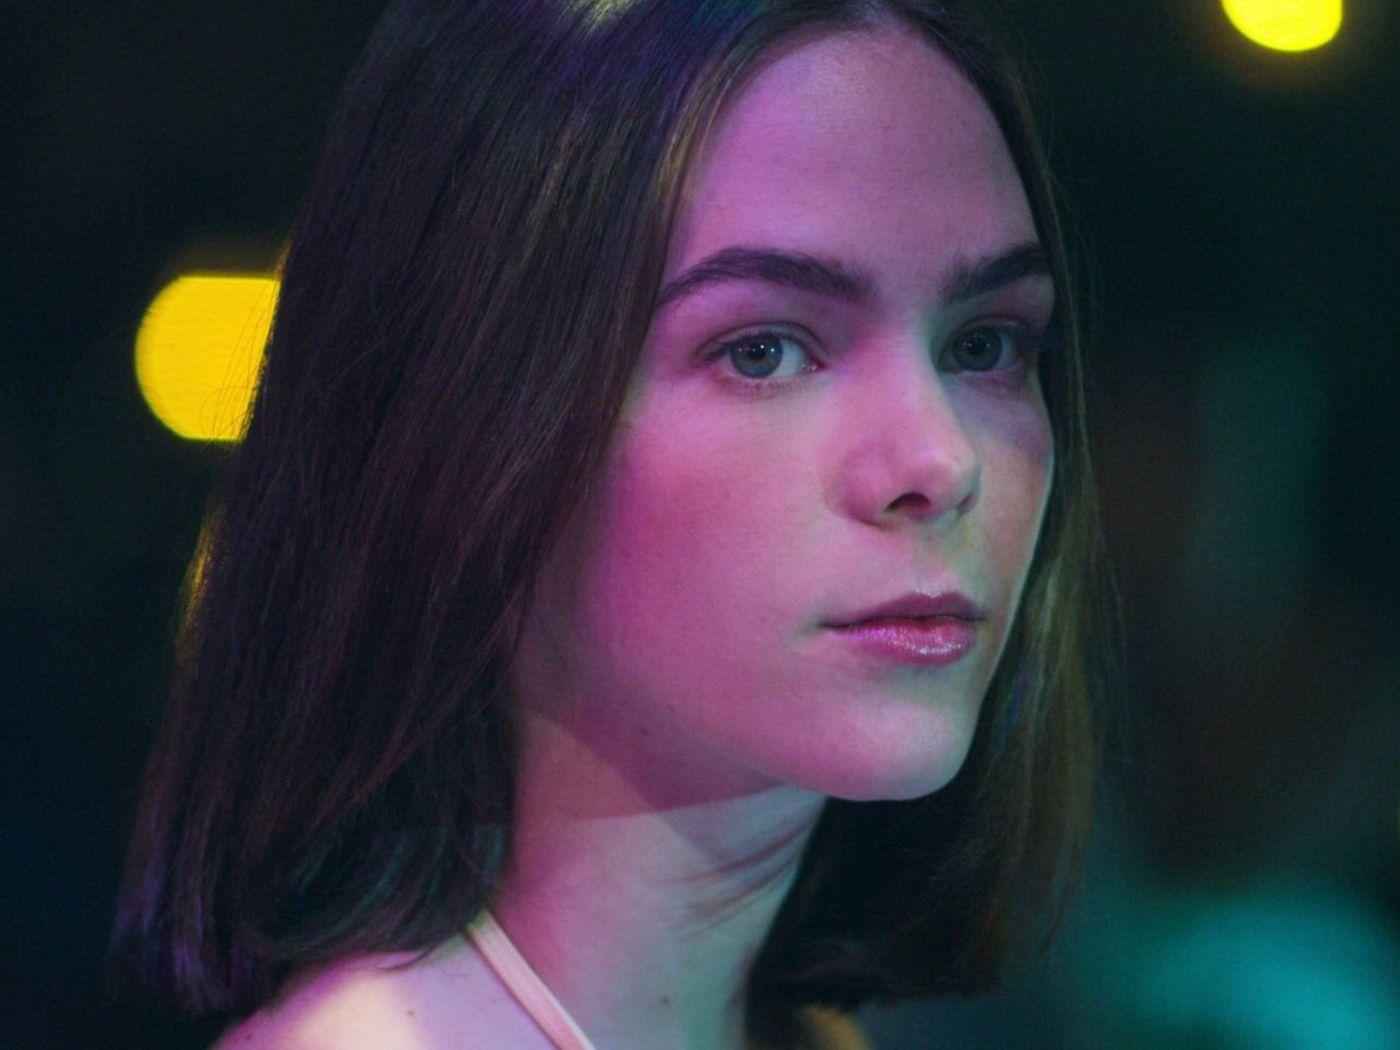 Notre avis sur la série Netflix qui a tué Sara saison 1 et 2